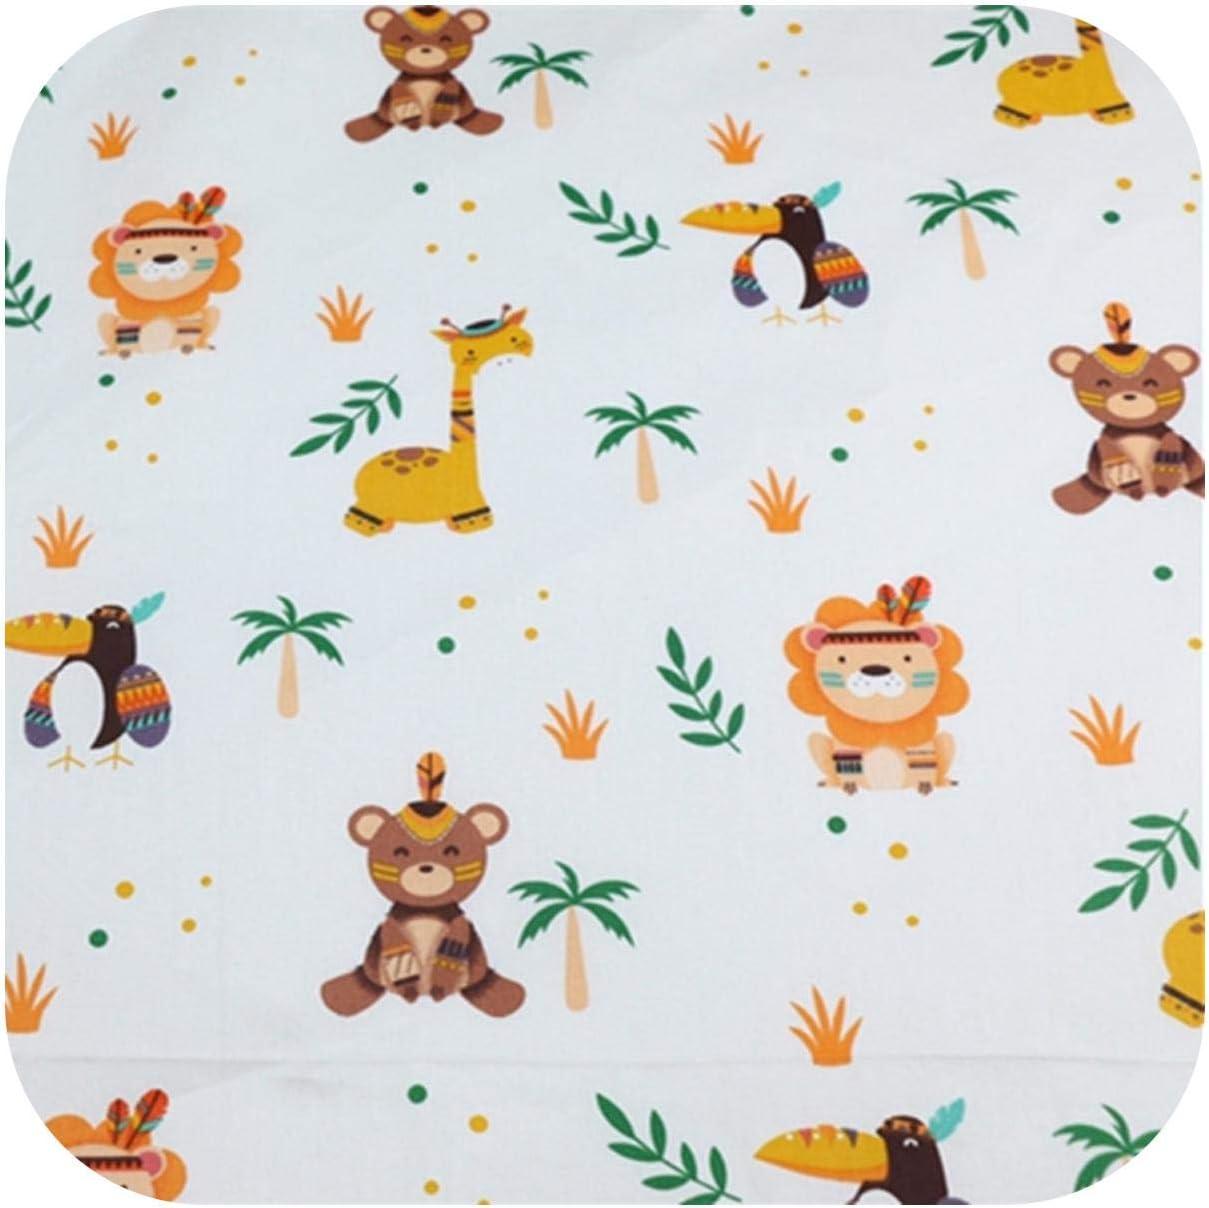 Estampado de animales Tela de sarga de algodón Manualidades Tela DIY Costura Sábanas acolchadas Textil Tela de algodón-Blanco-50x80cm